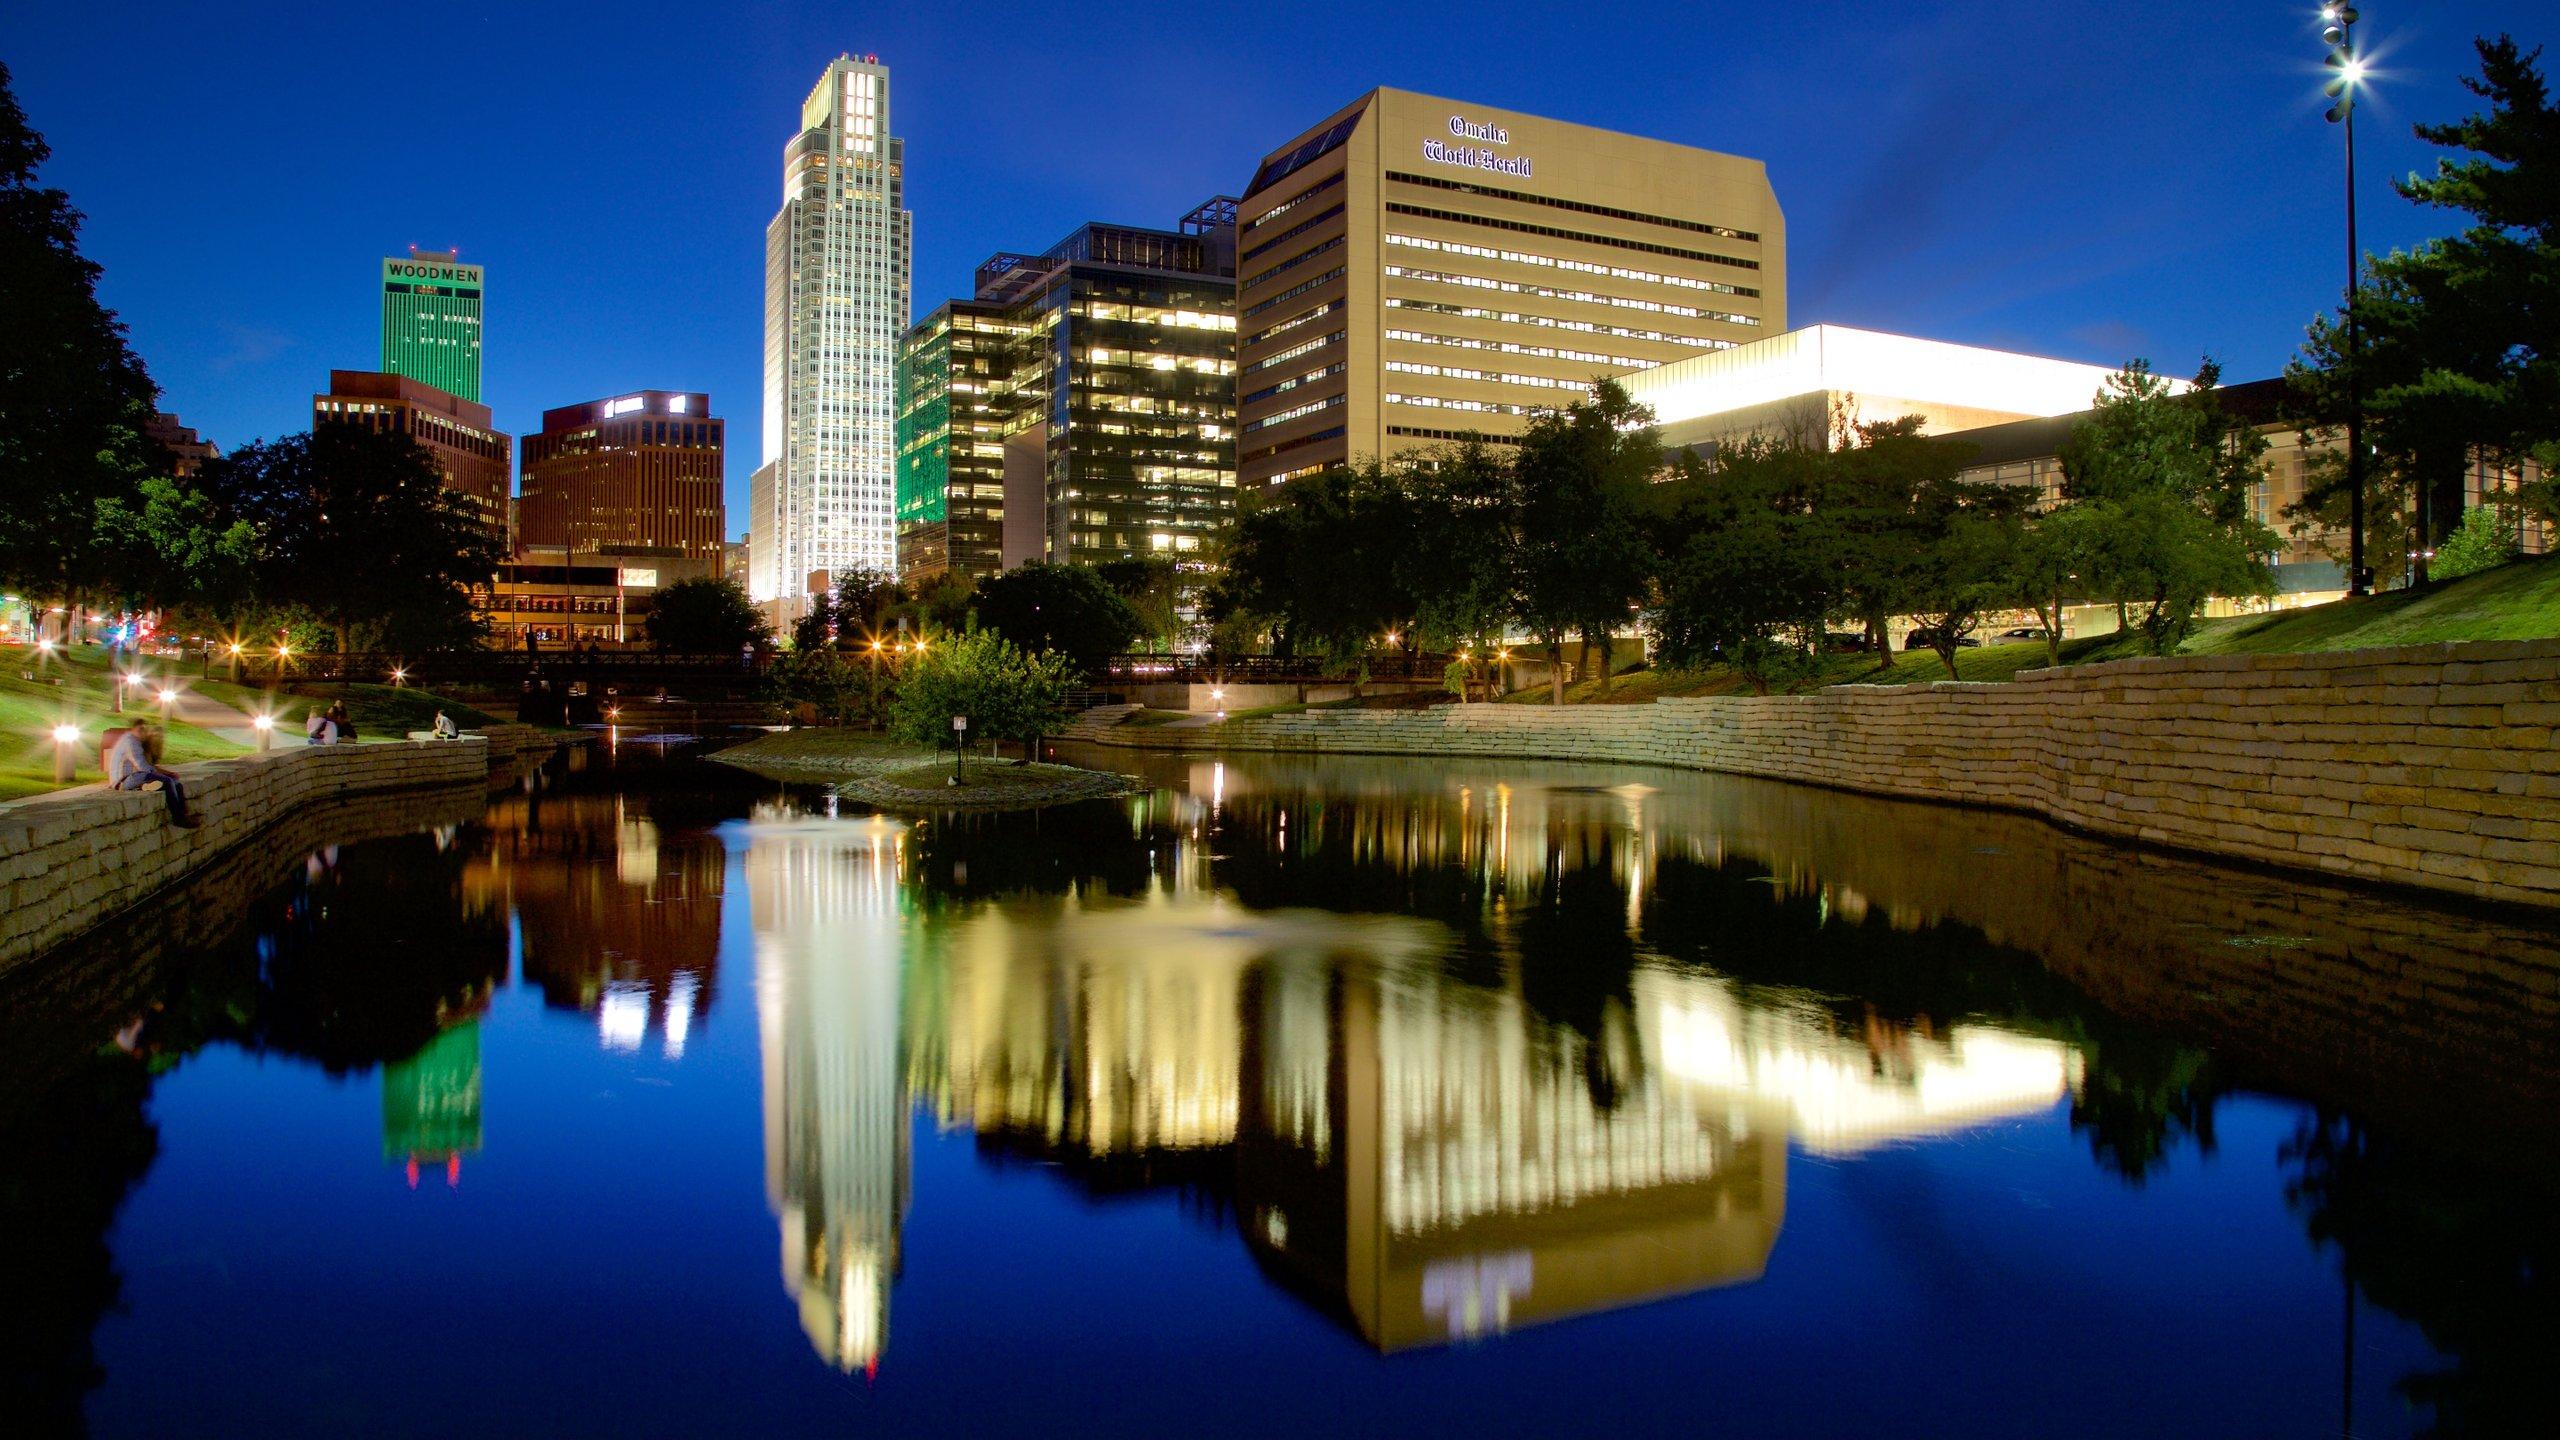 Omaha johon kuuluu kaupunki, joki tai puro ja korkea rakennus